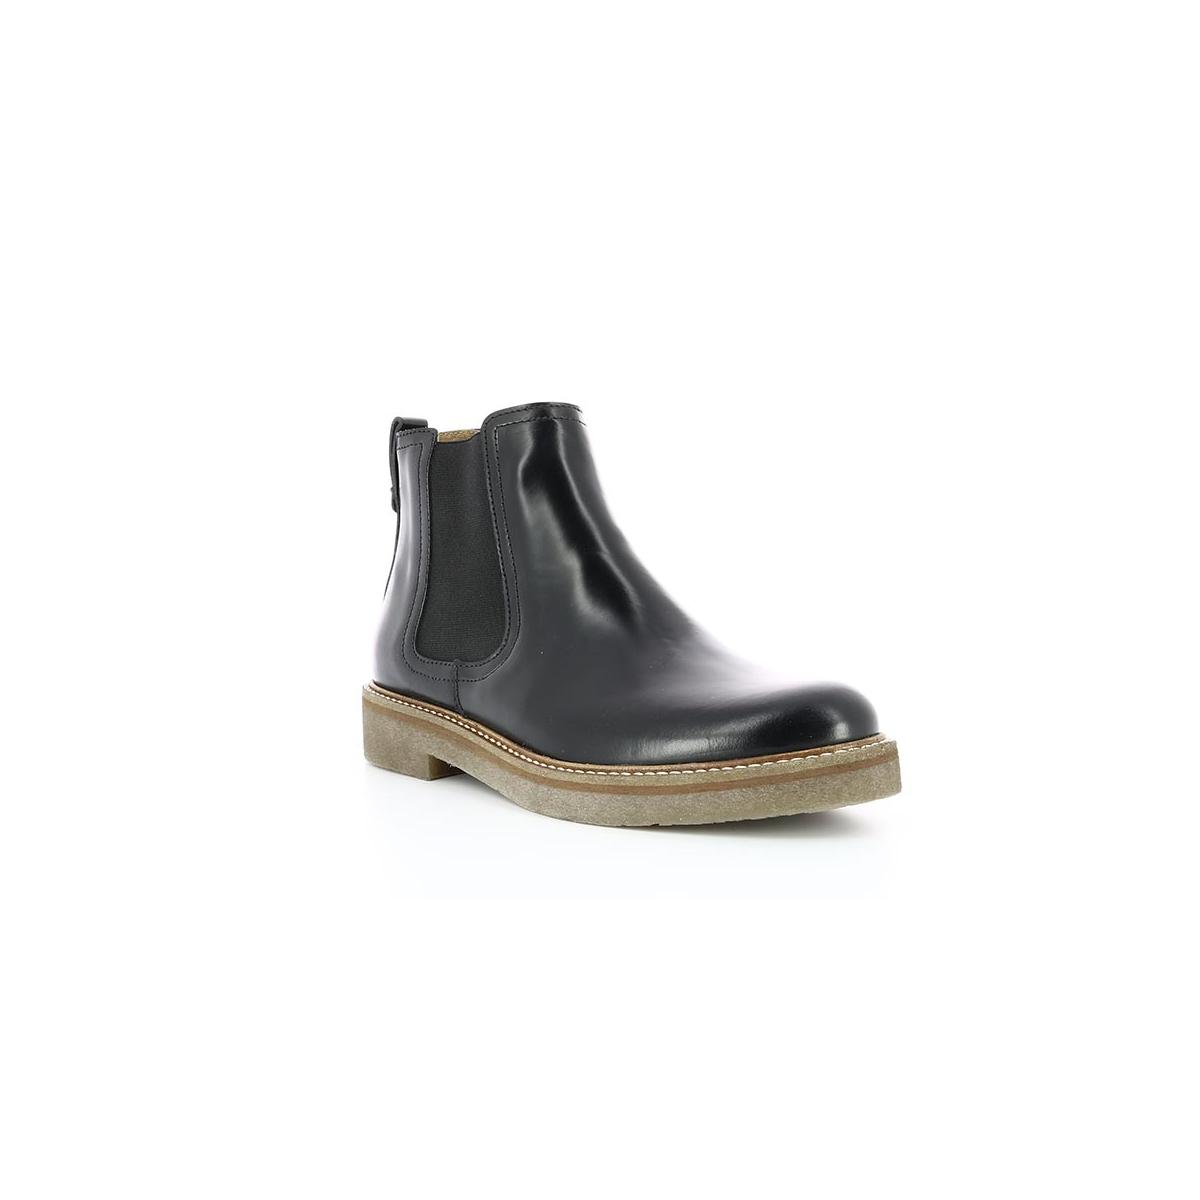 Kickers Chaussures Noir Oxfordchic Femme Chaussures Femme YXwndPqd